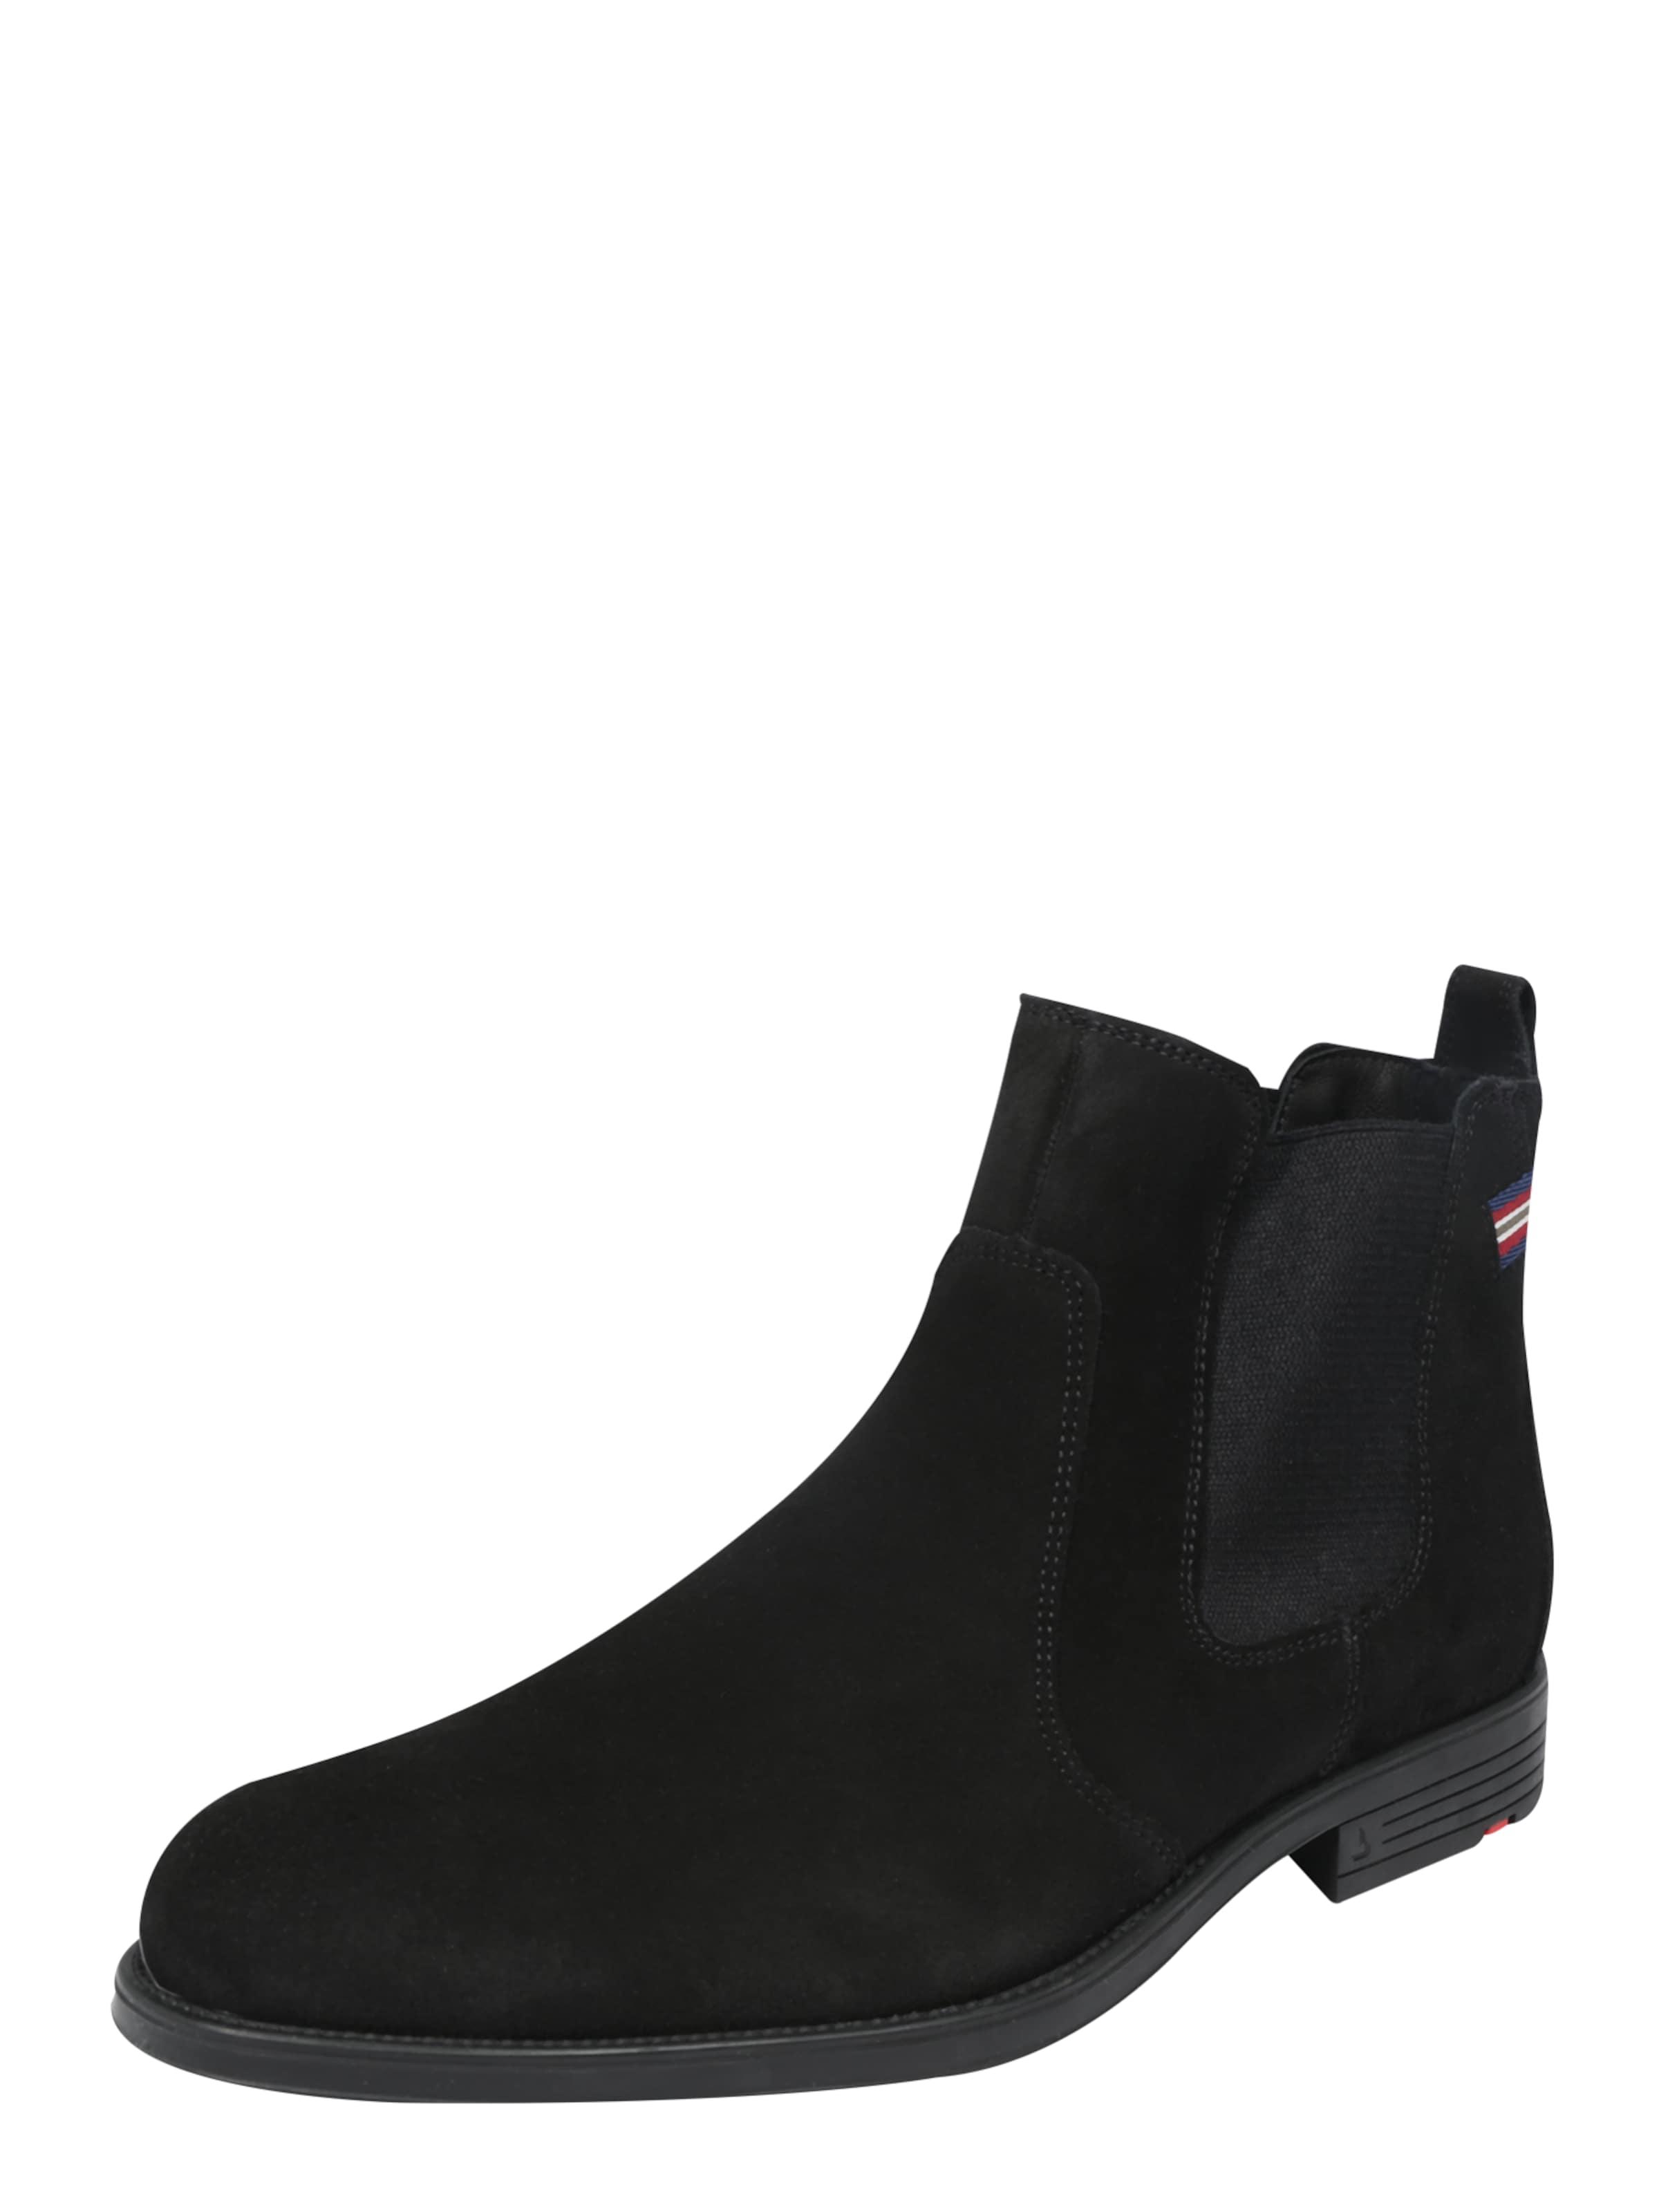 LLOYD Chelsea Patron Verschleißfeste billige Schuhe